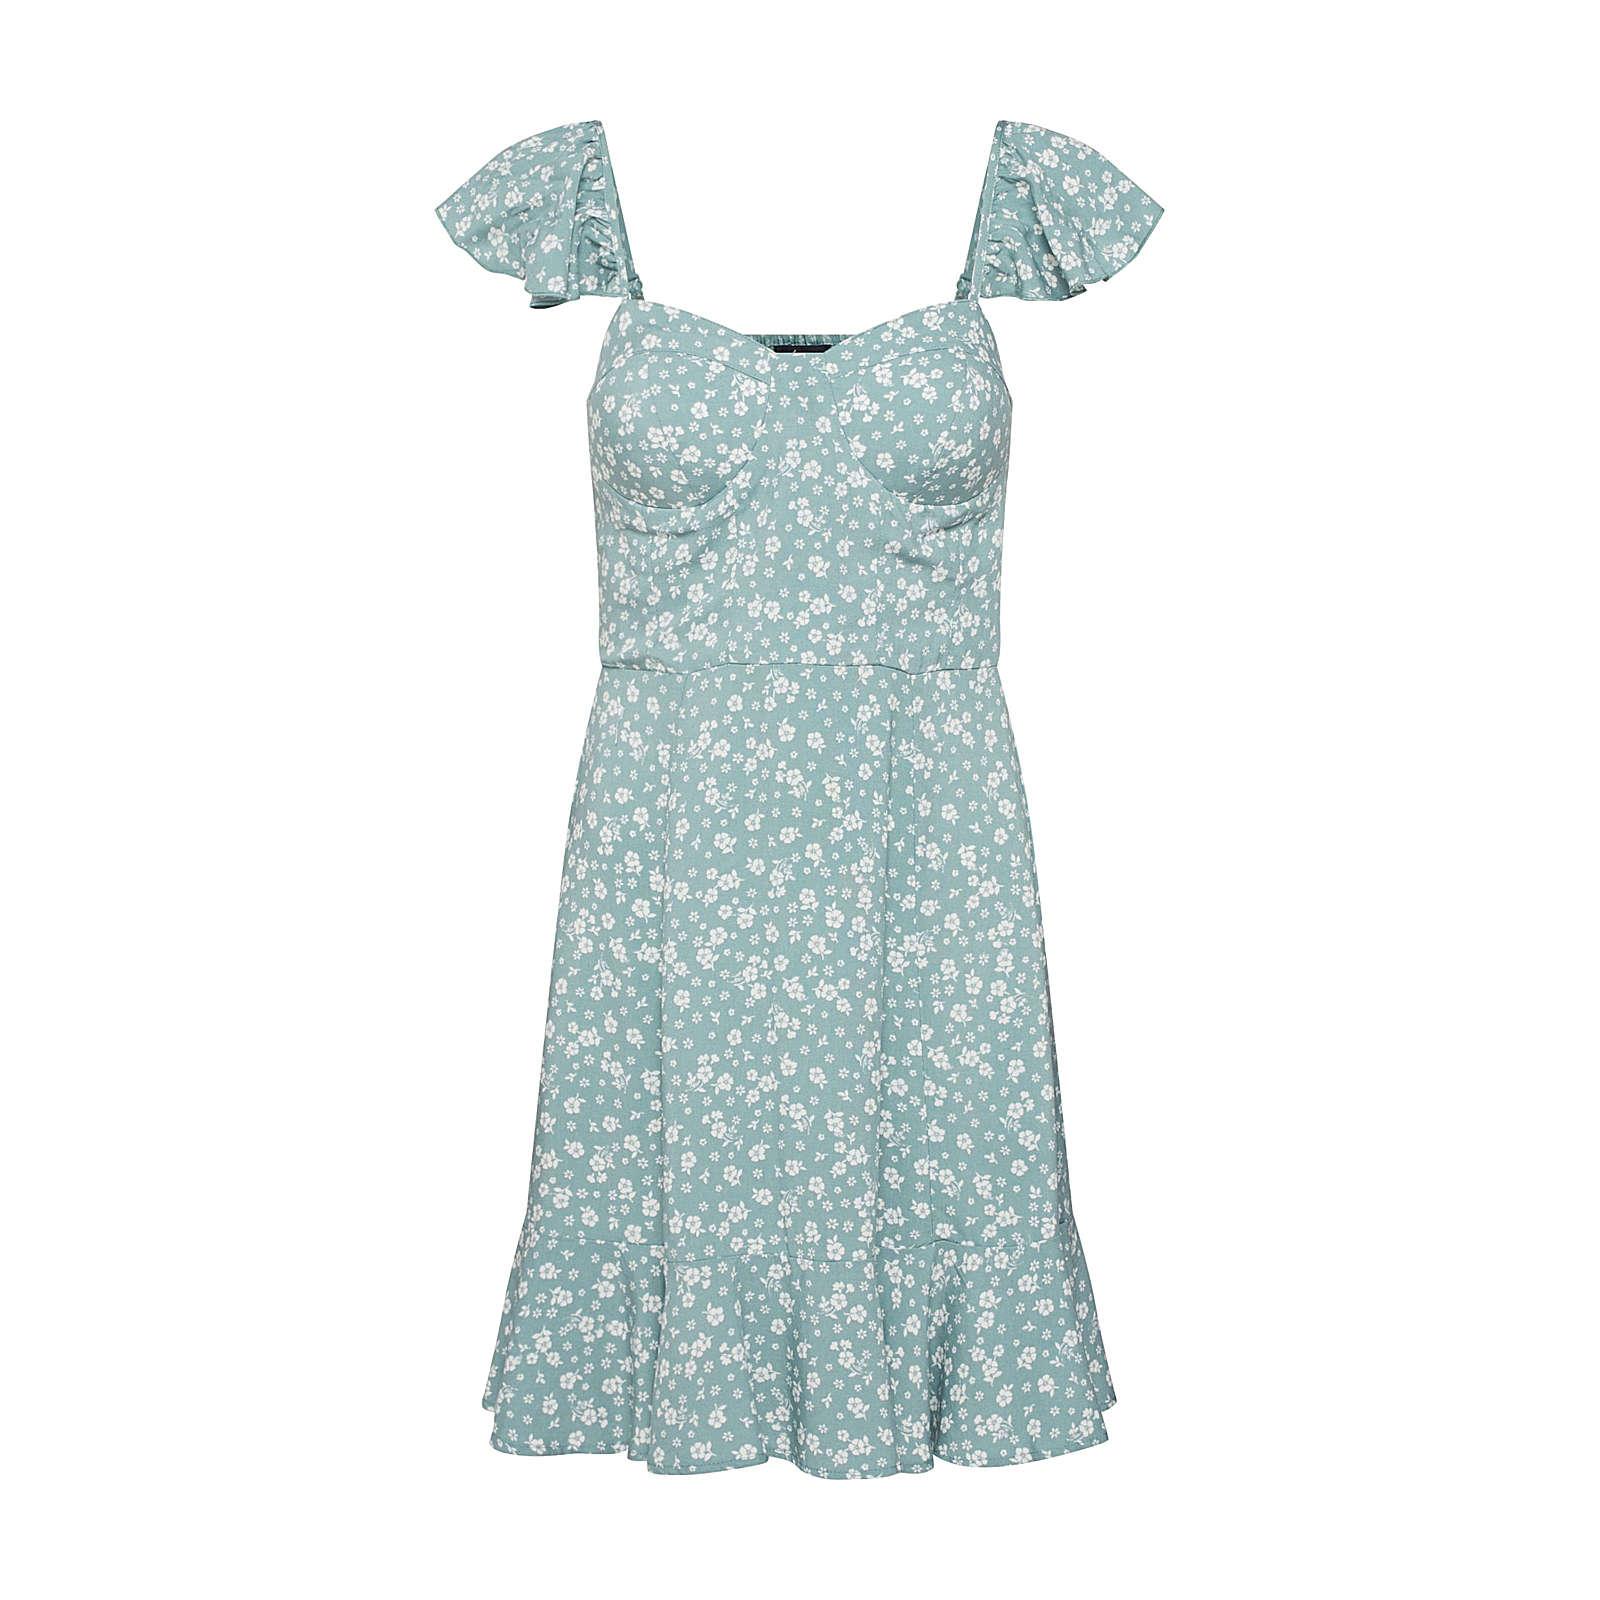 NEW LOOK Sommerkleid Sommerkleider weiß Damen Gr. 40